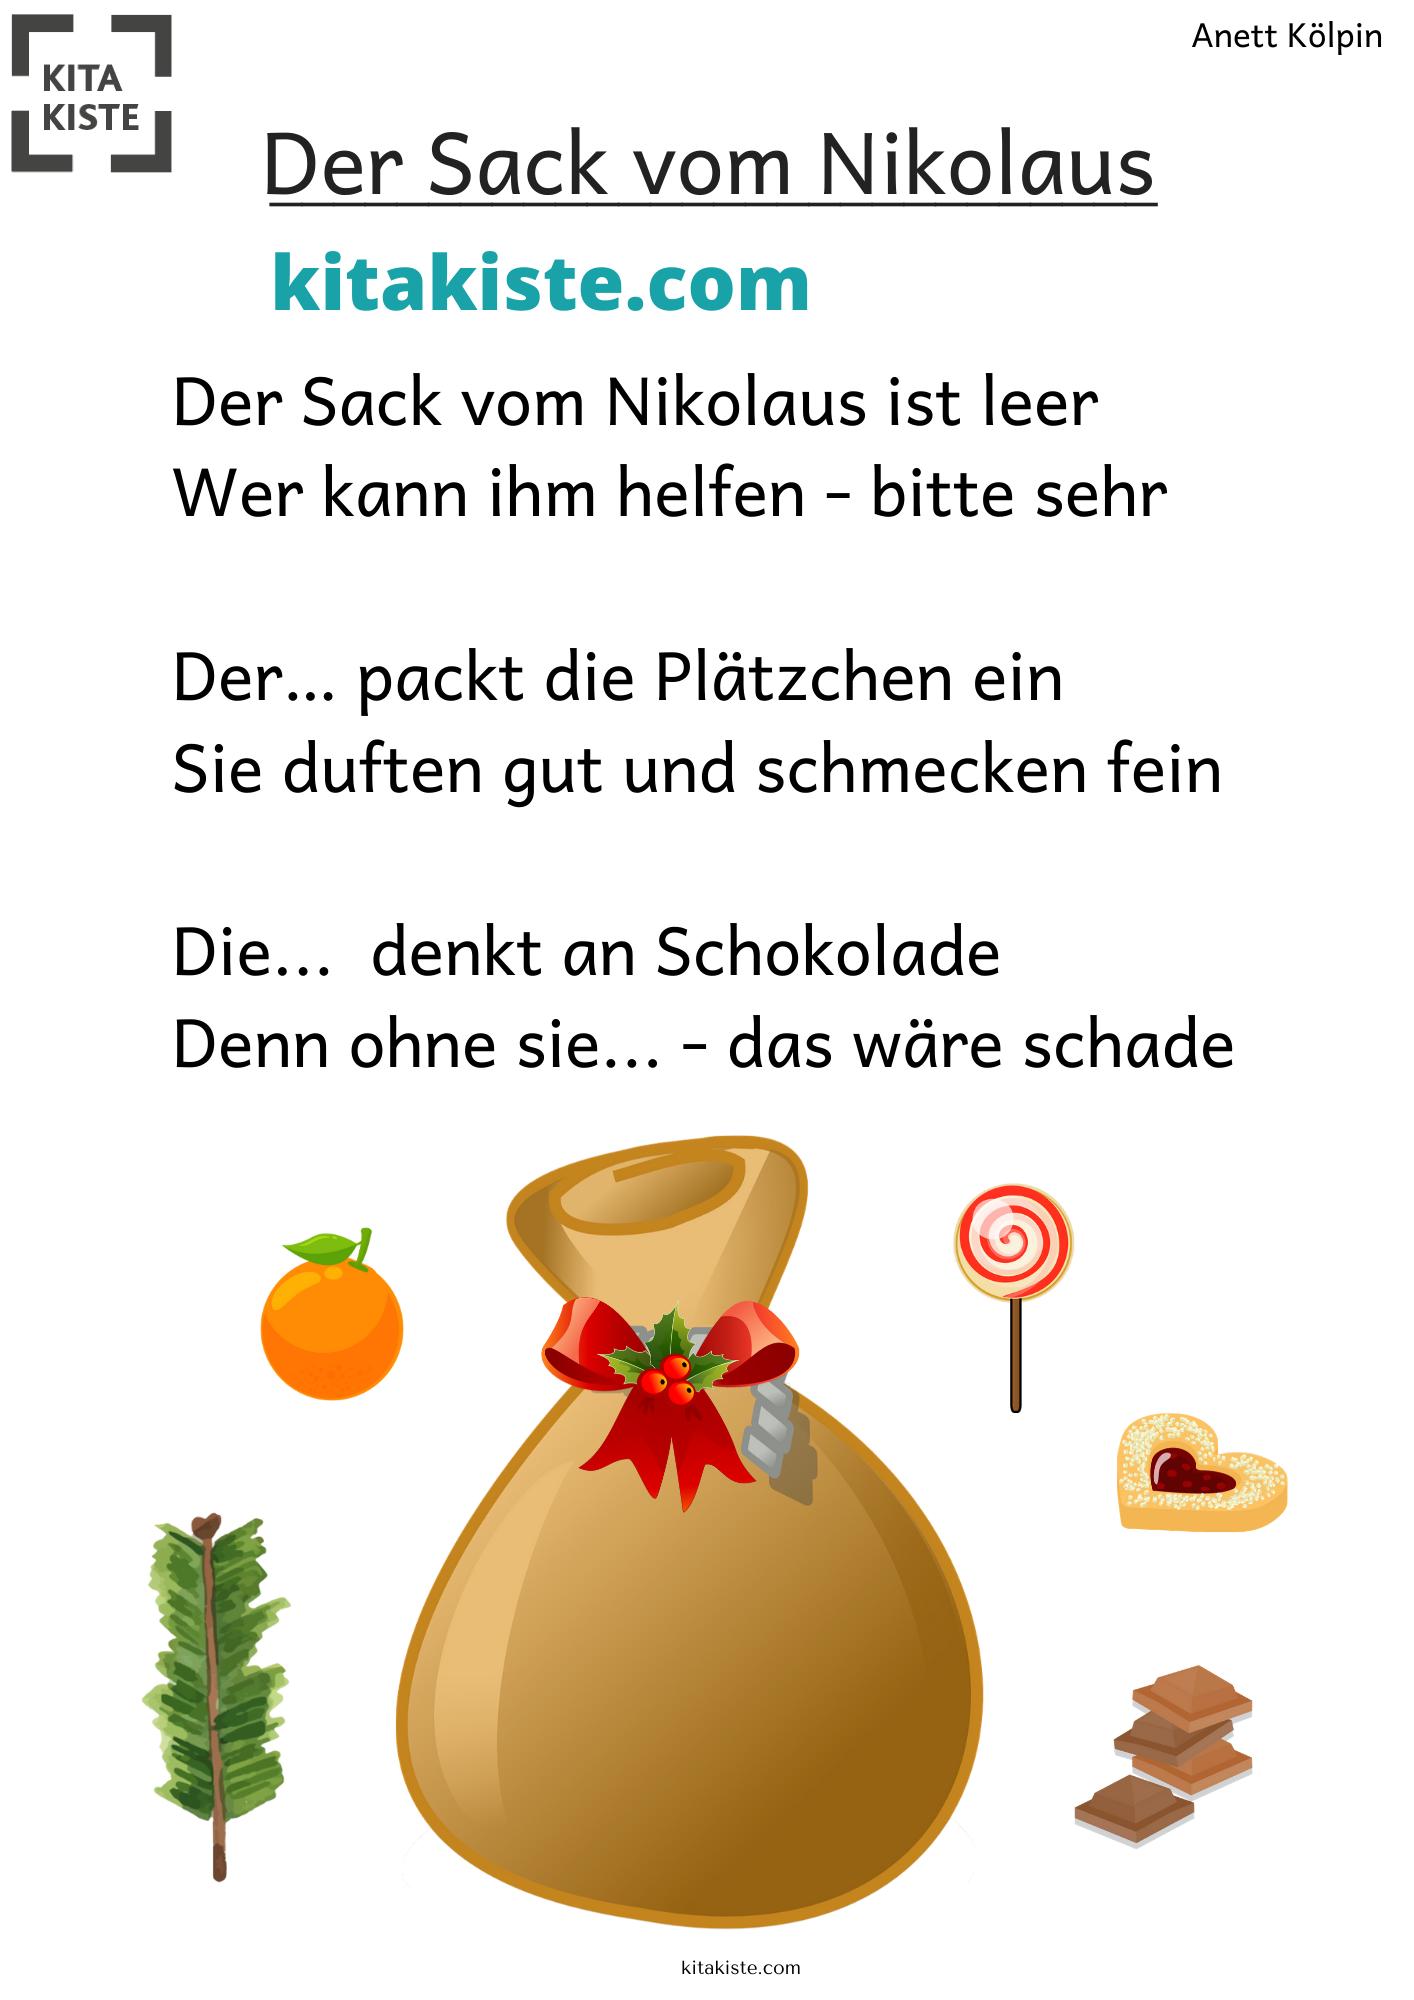 Der Sack Vom Nikolaus Fingerspiel Kindergarten Kinder 3 Jahre Fingerspiele Nikolaus